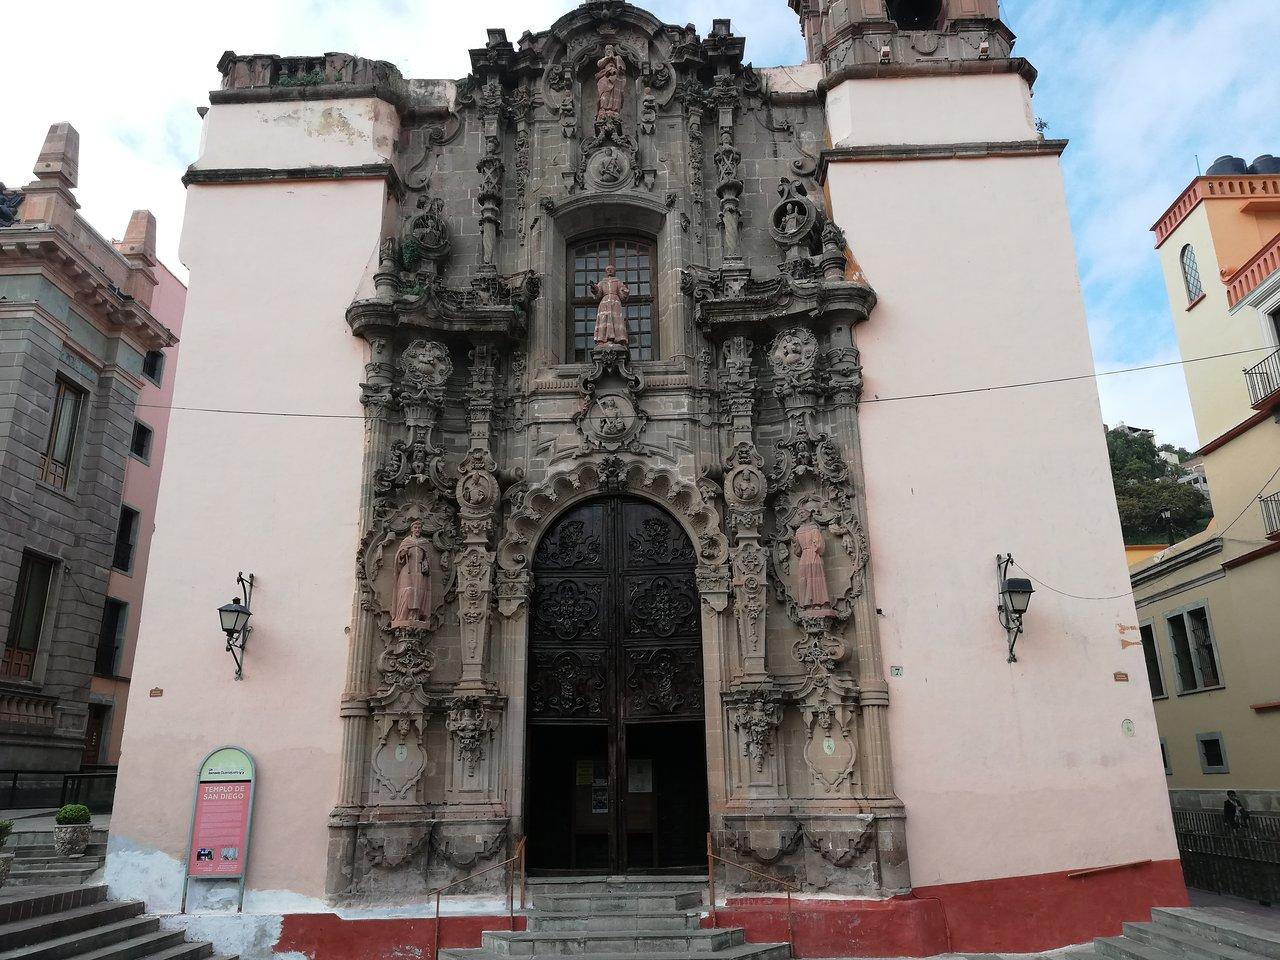 Templo de San Diego lugares turisticos guanajuato